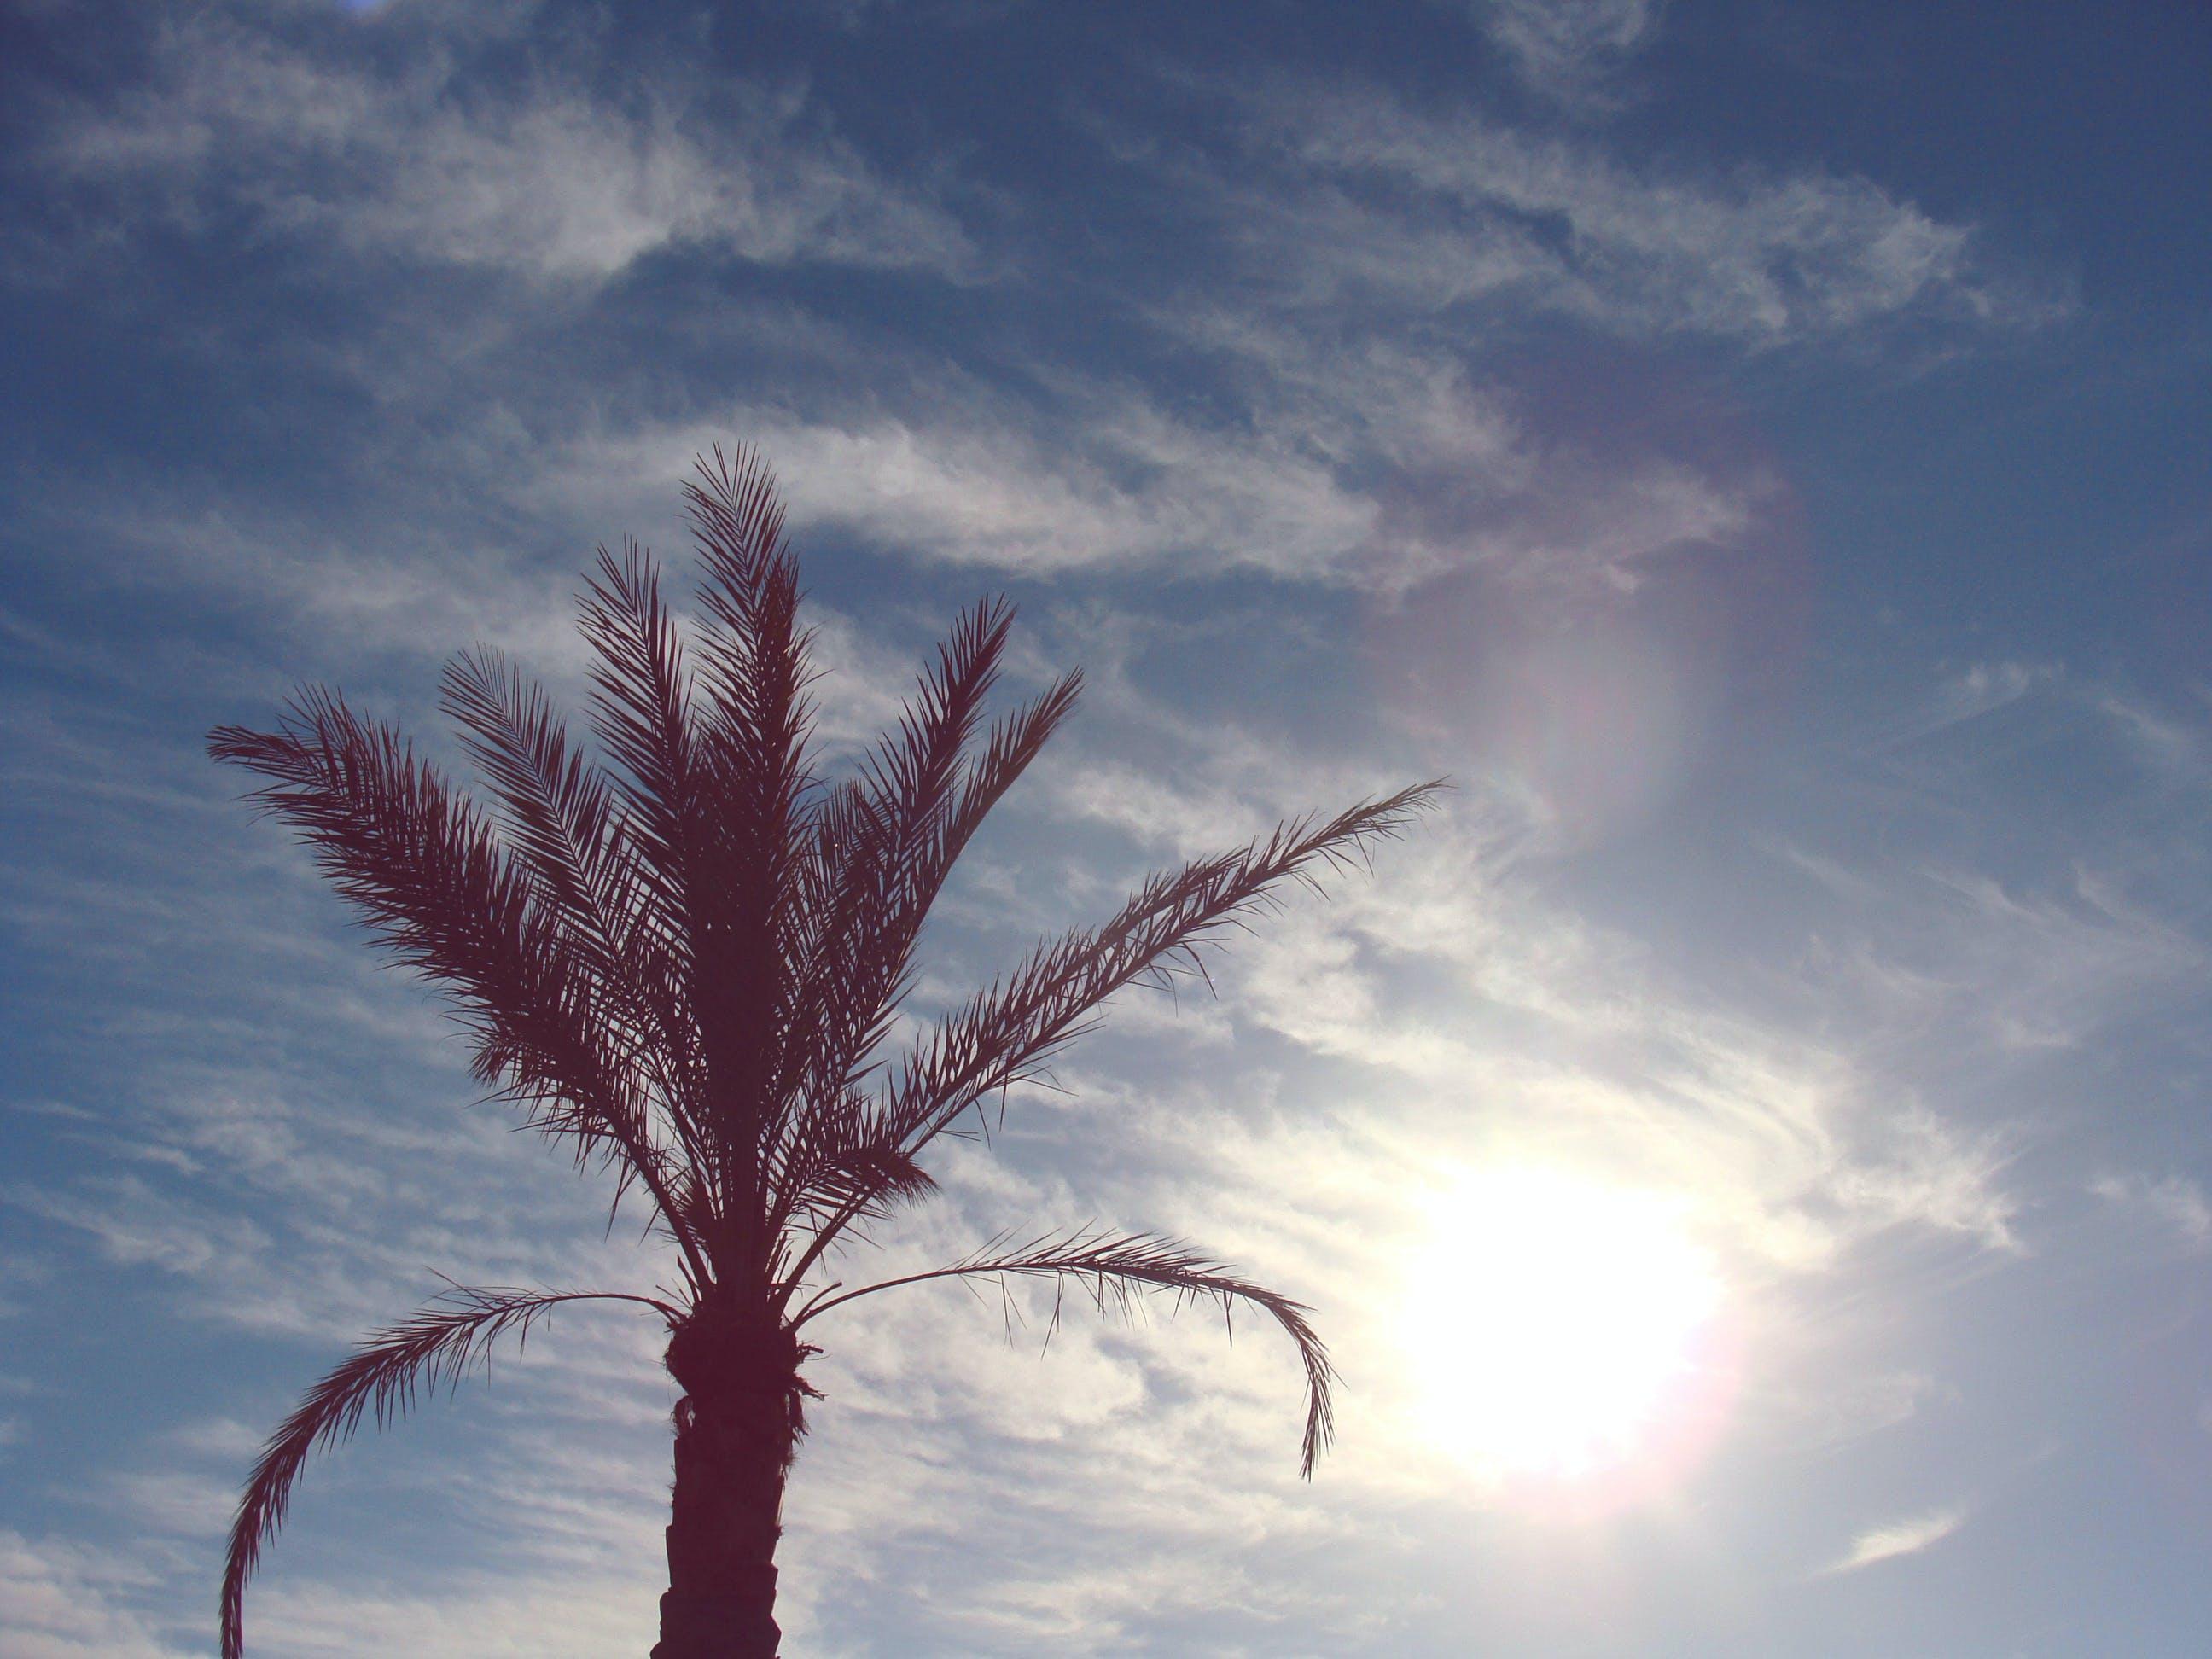 Kostenloses Stock Foto zu himmel, sonne, sonnig, wolken